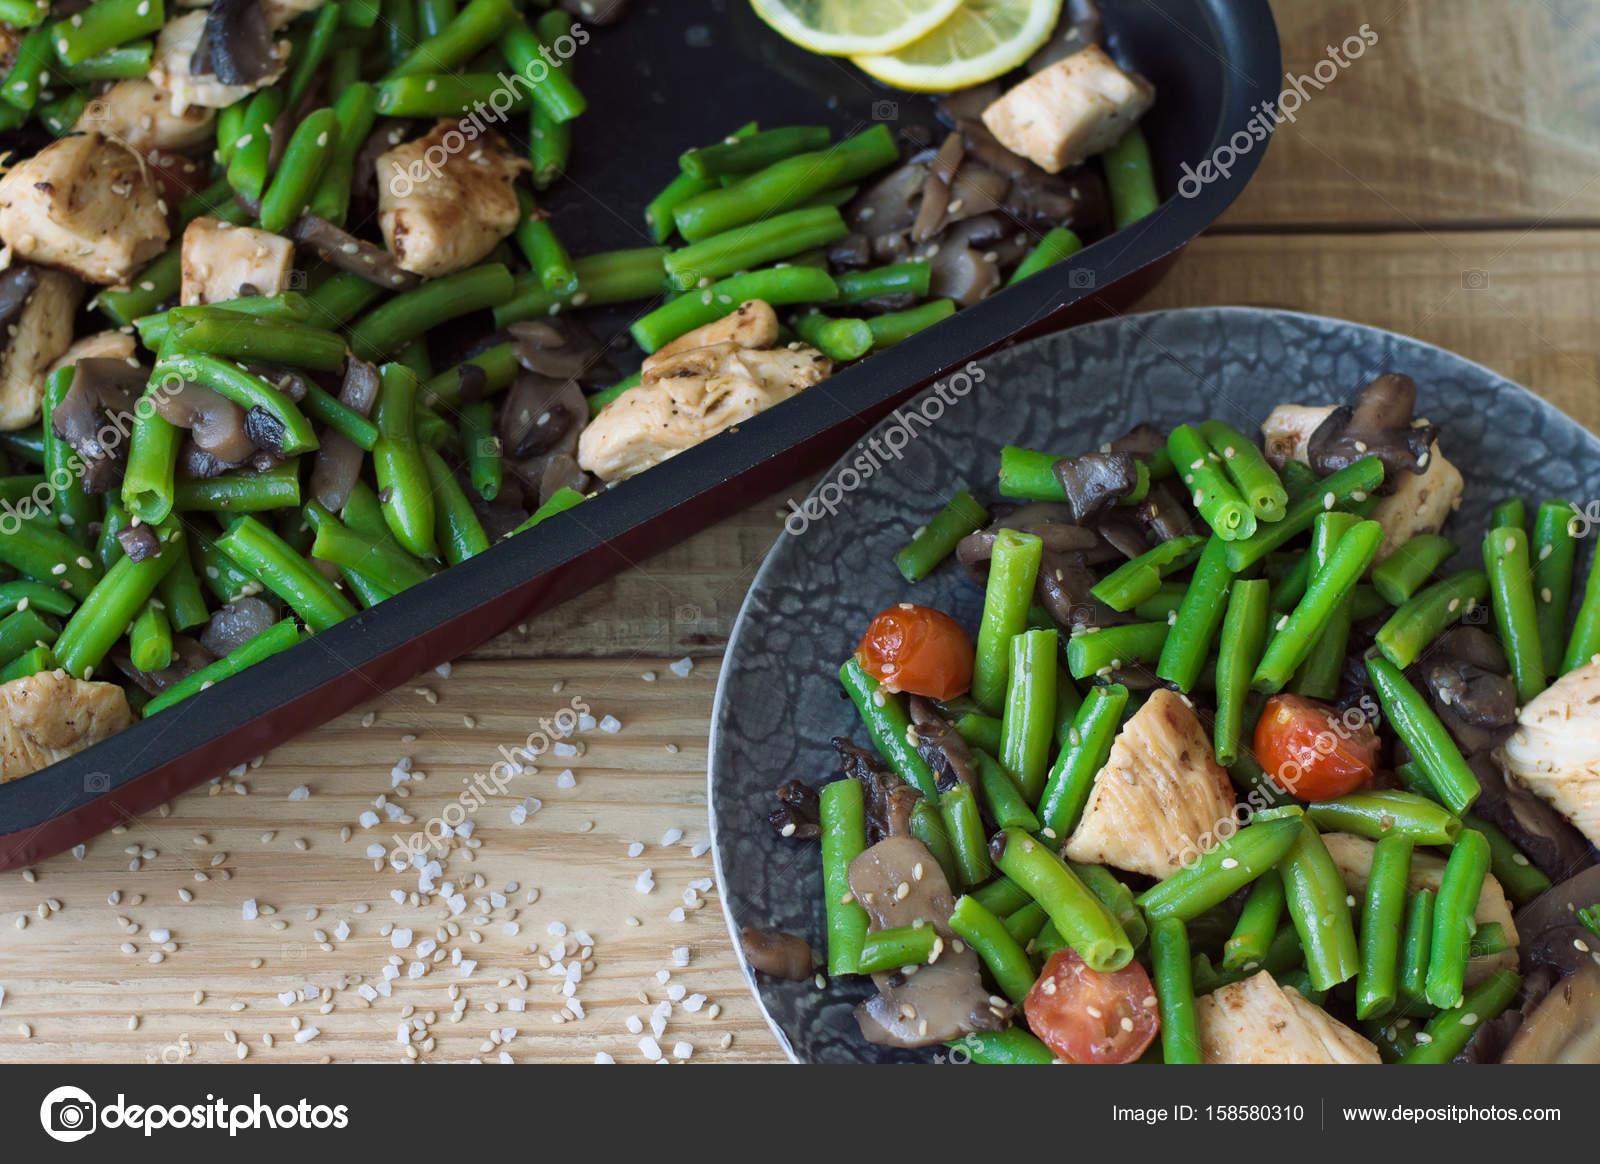 Tavuk göğsü ile sıcak salata hazırlamak nasıl